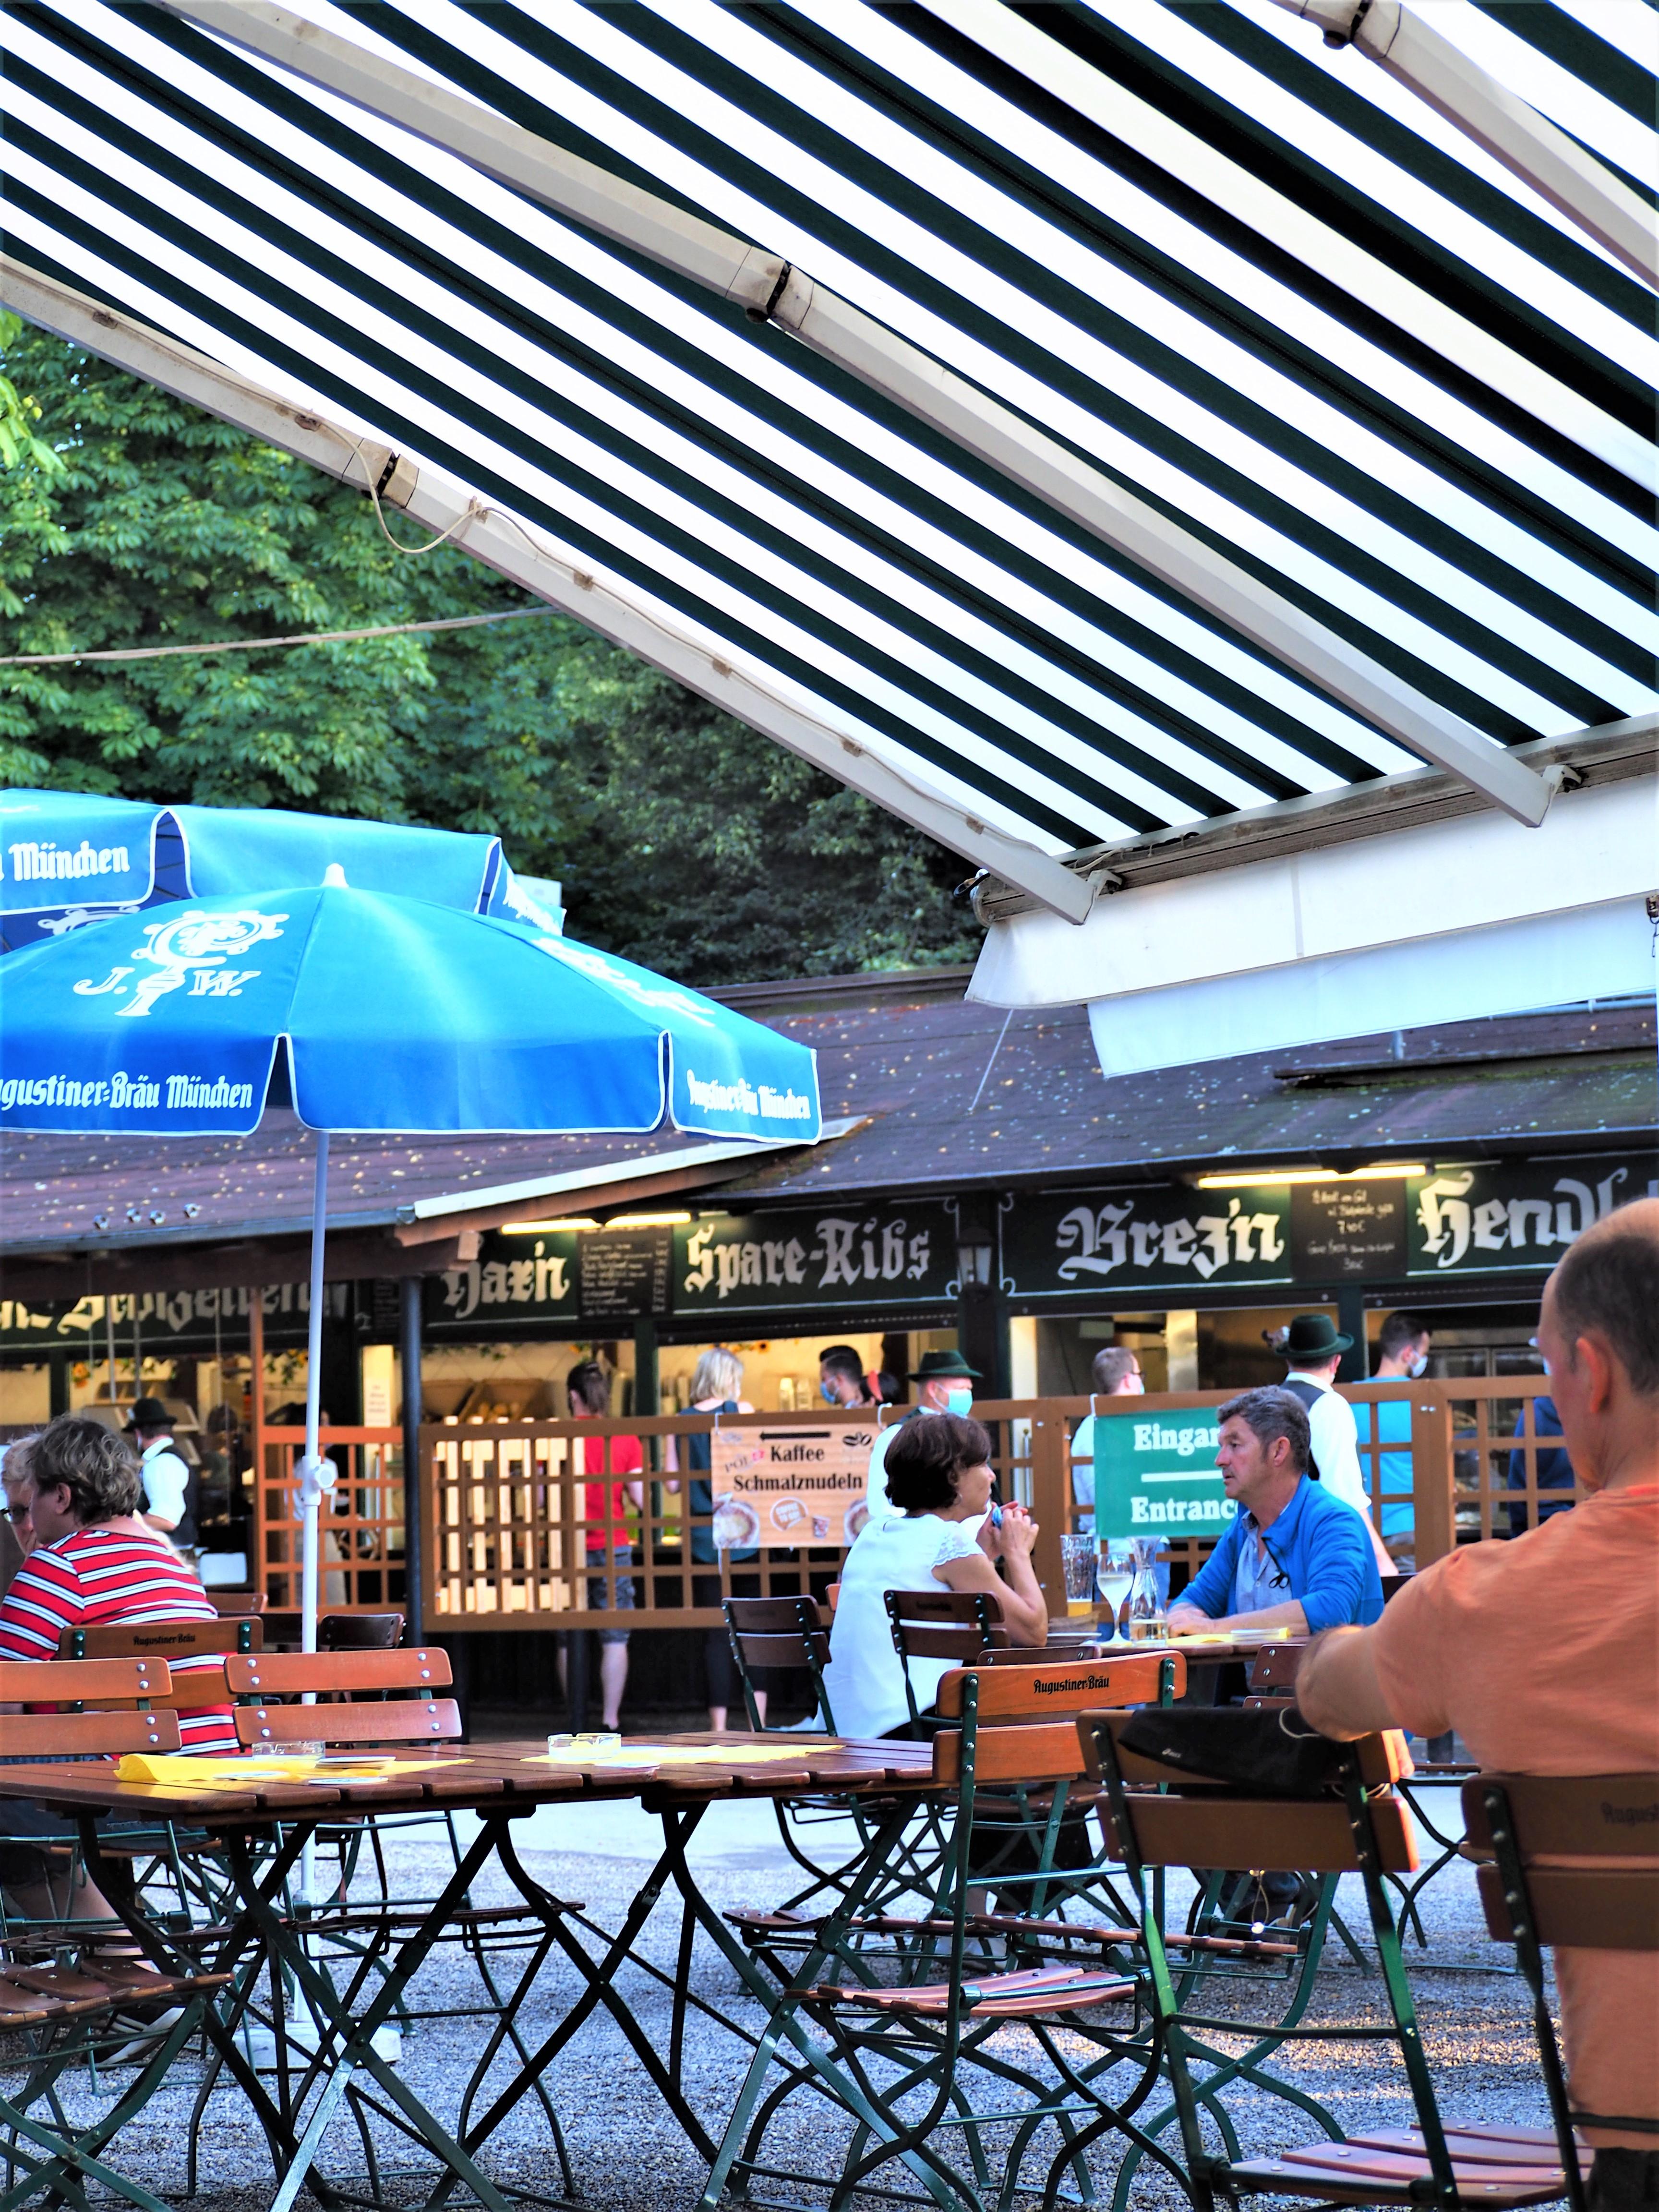 Allemagne-Biergarten-blog-voyage-clioandco-style-de-vie-Munich